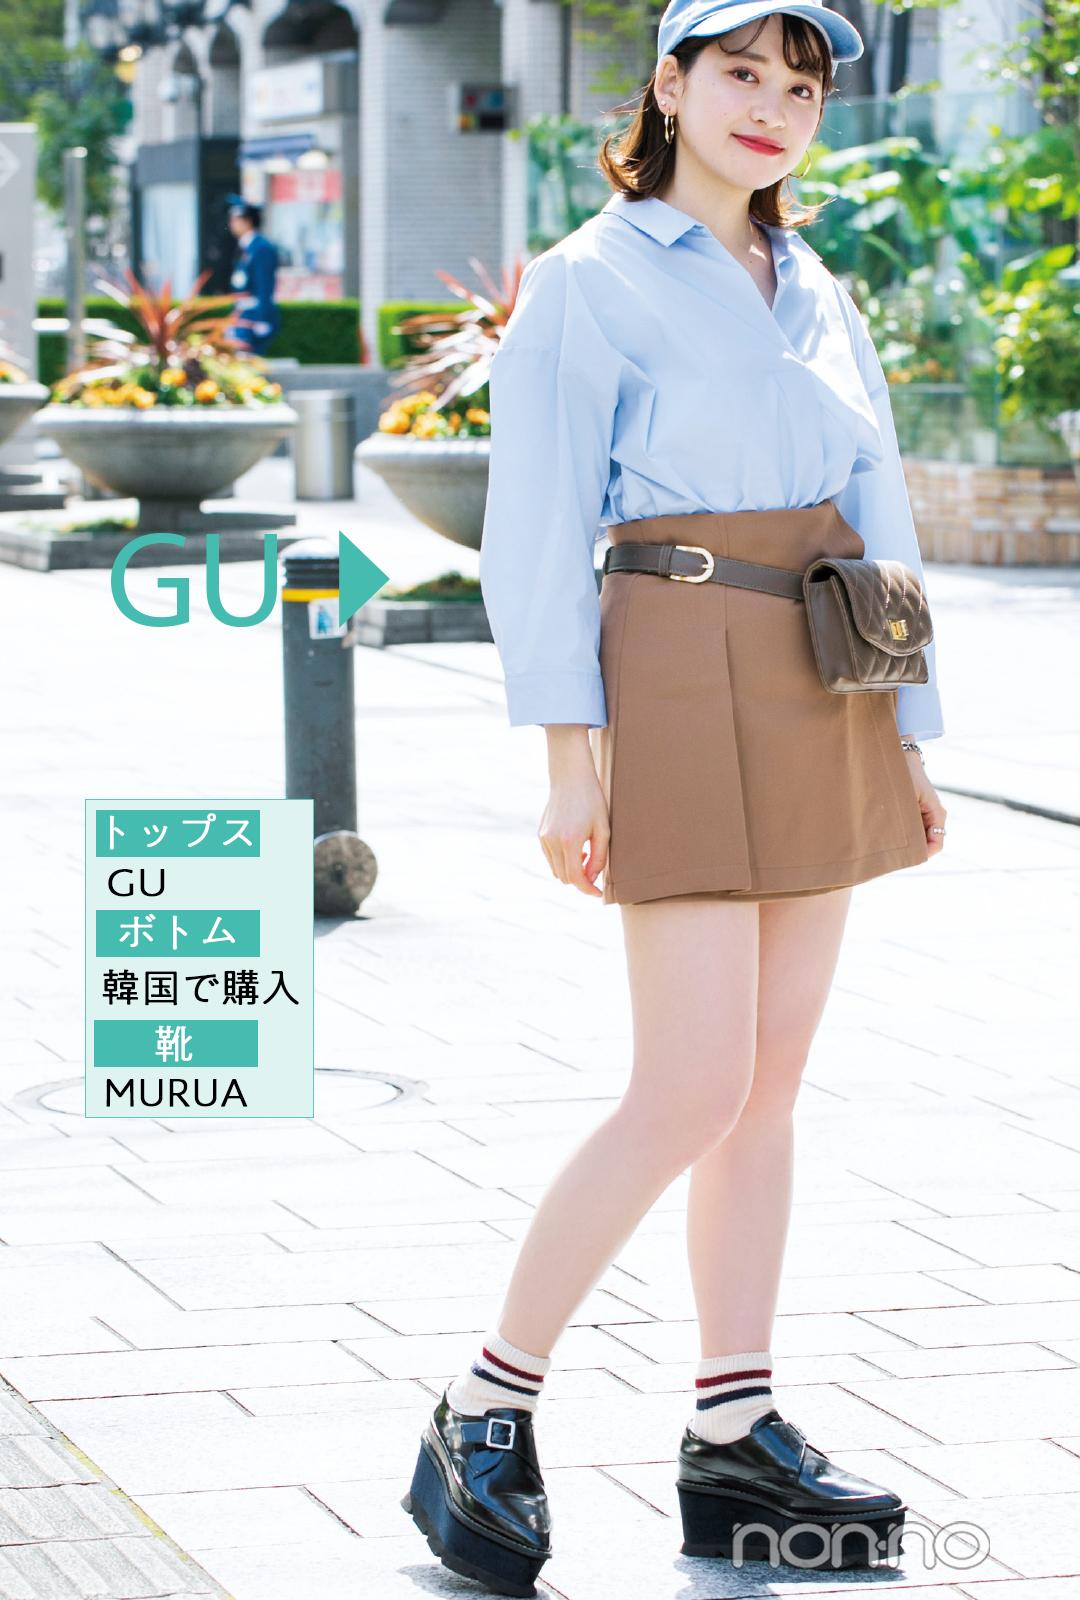 GUの新作トレンド服、ノンノ専属読モはこう着ます。【カワイイ選抜】_1_2